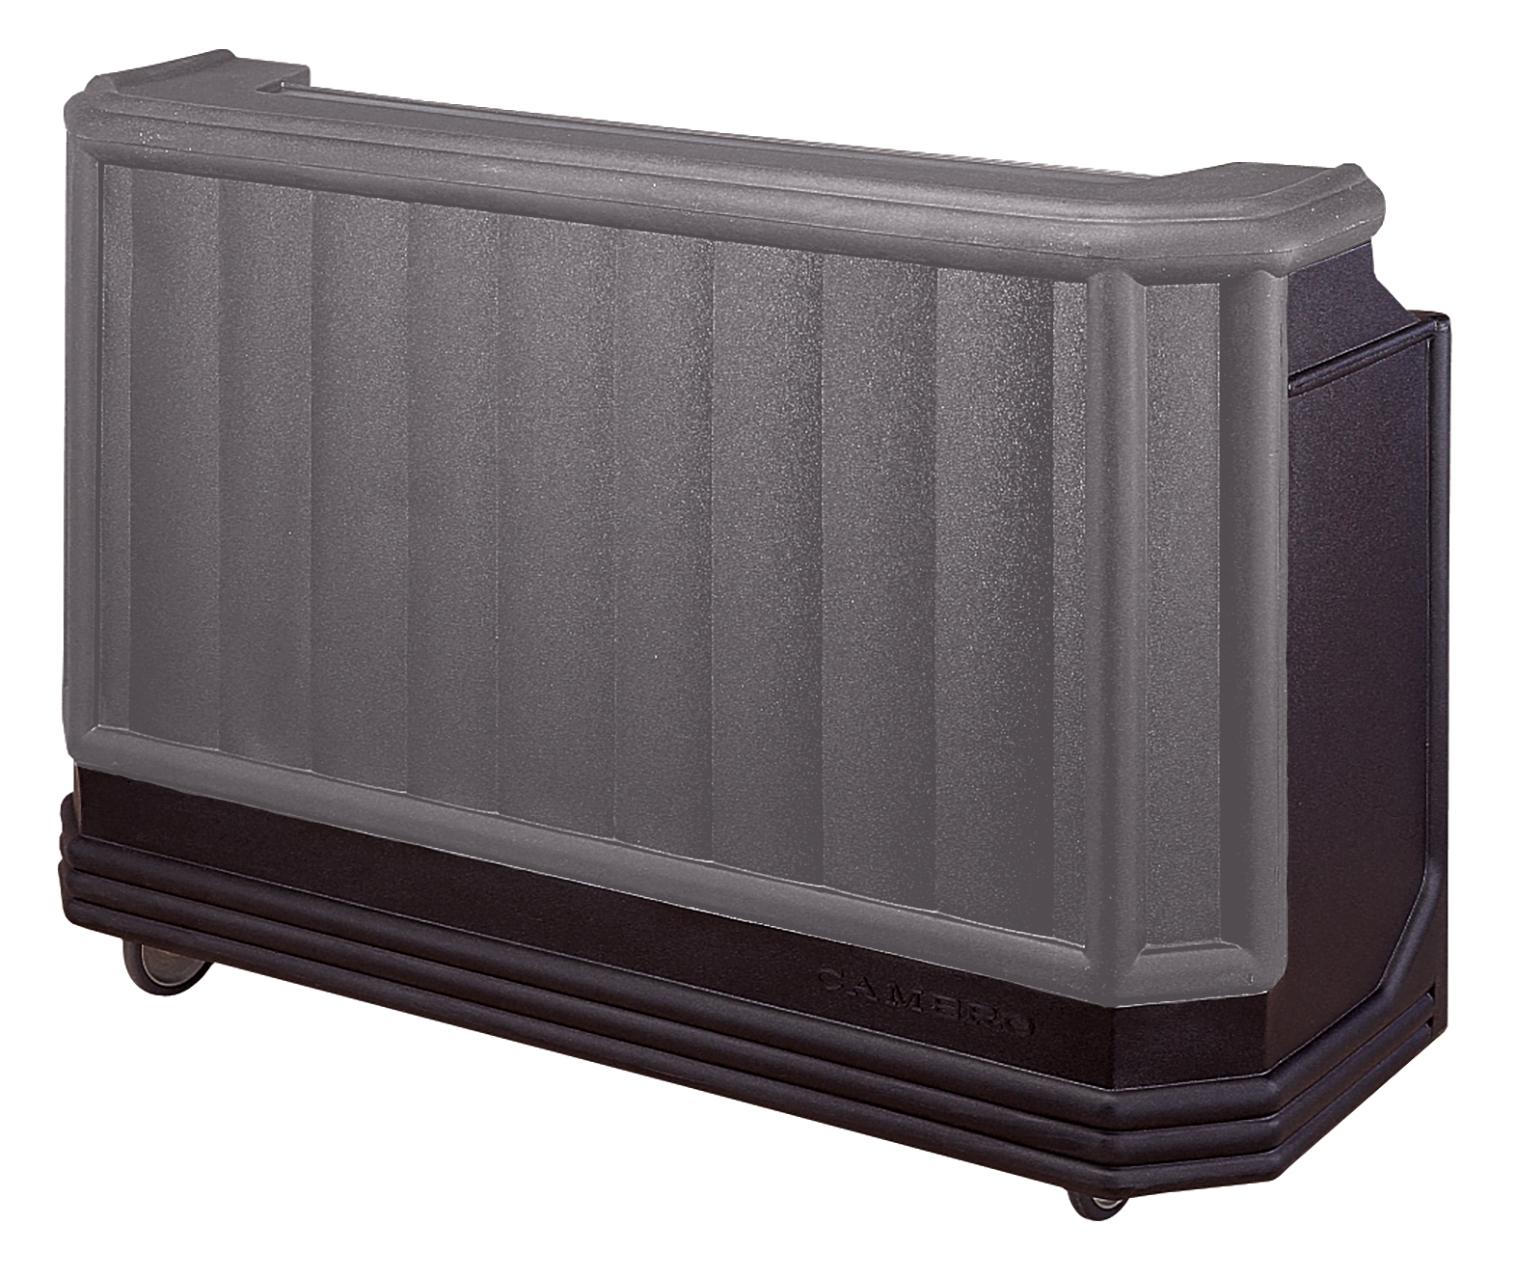 Cambro BAR730PMT220420 portable bar